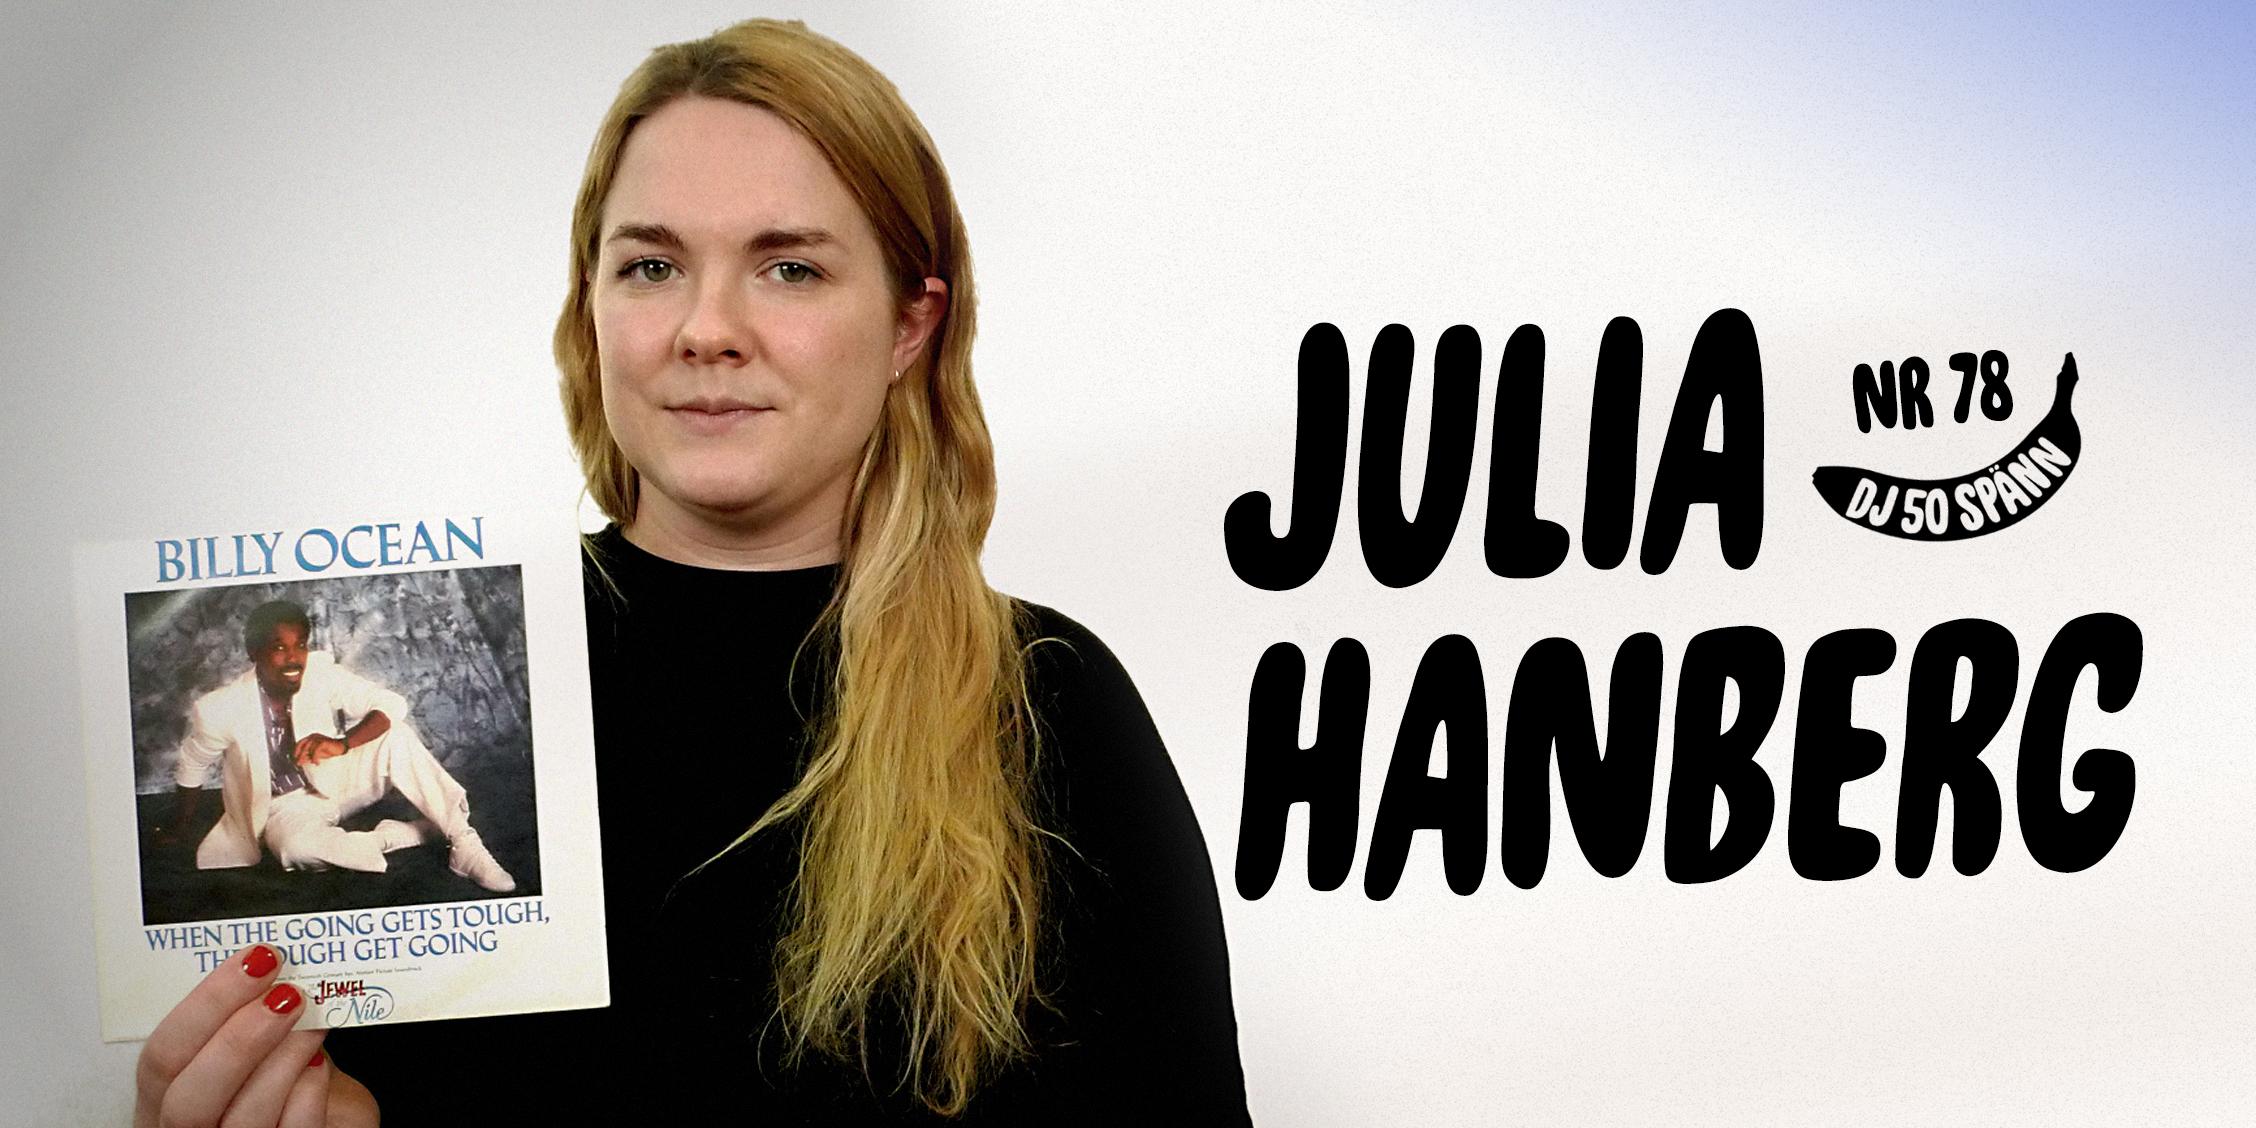 julia hanberg